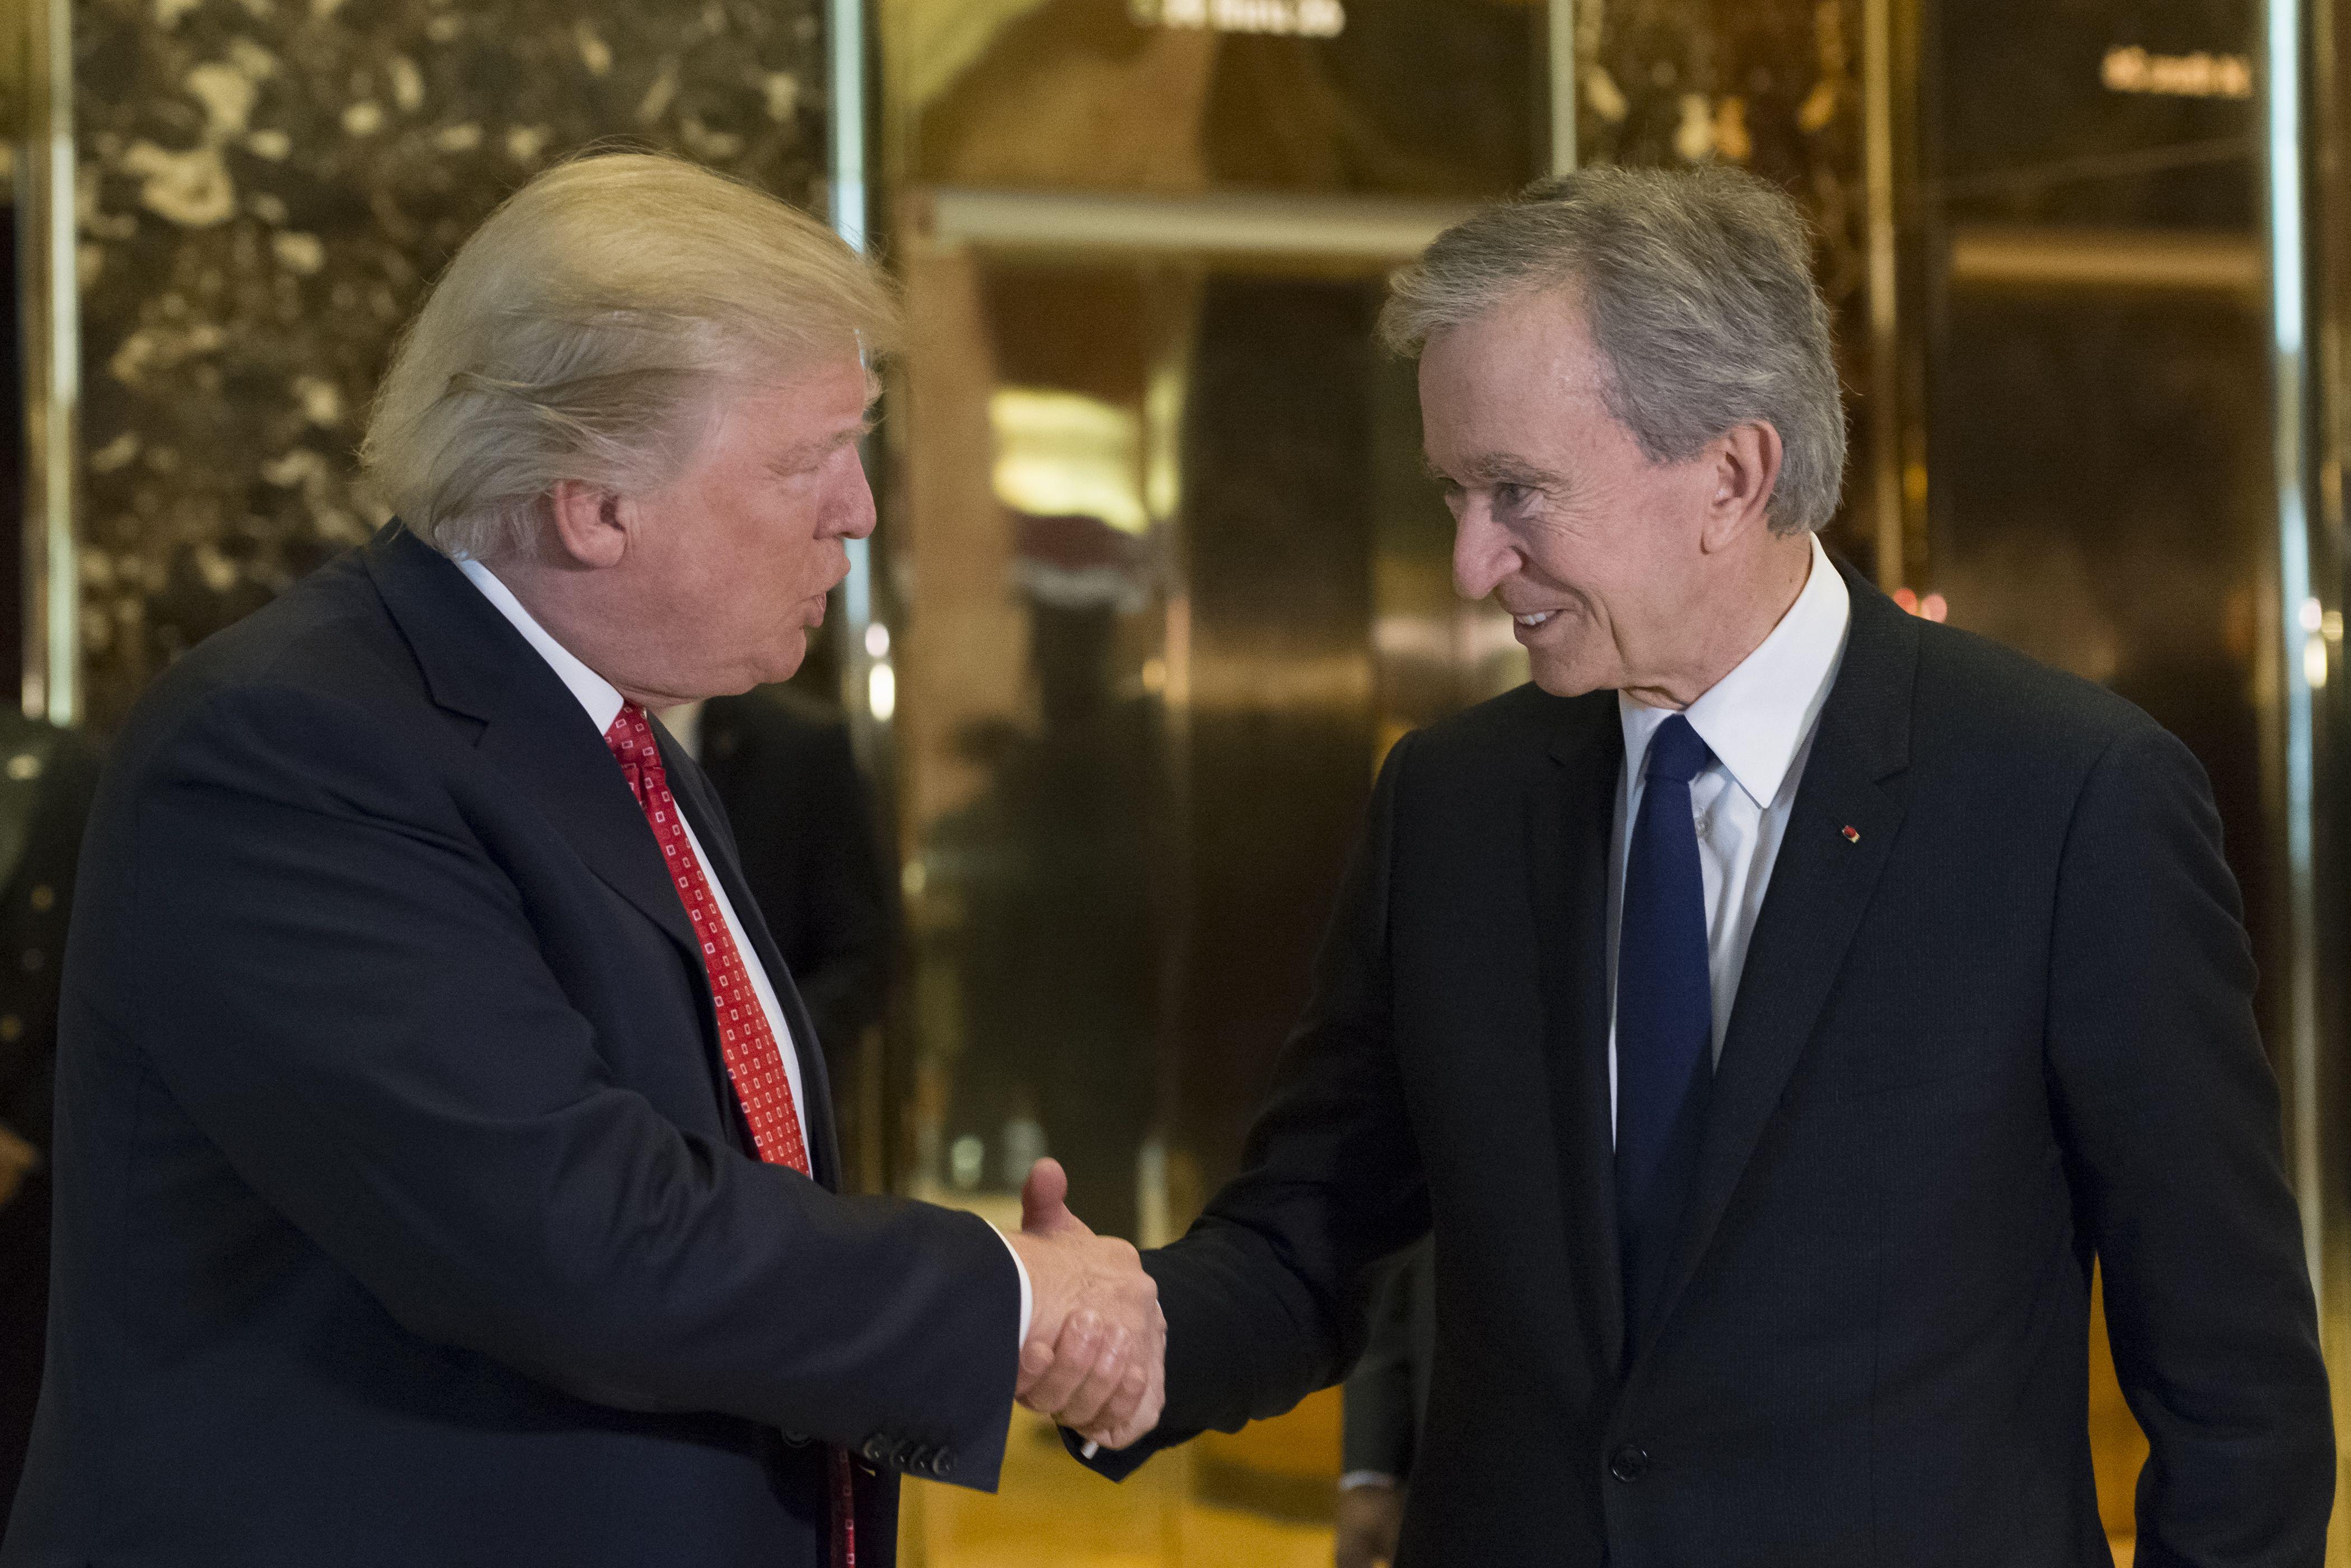 Donald Trump and Bernard Arnault